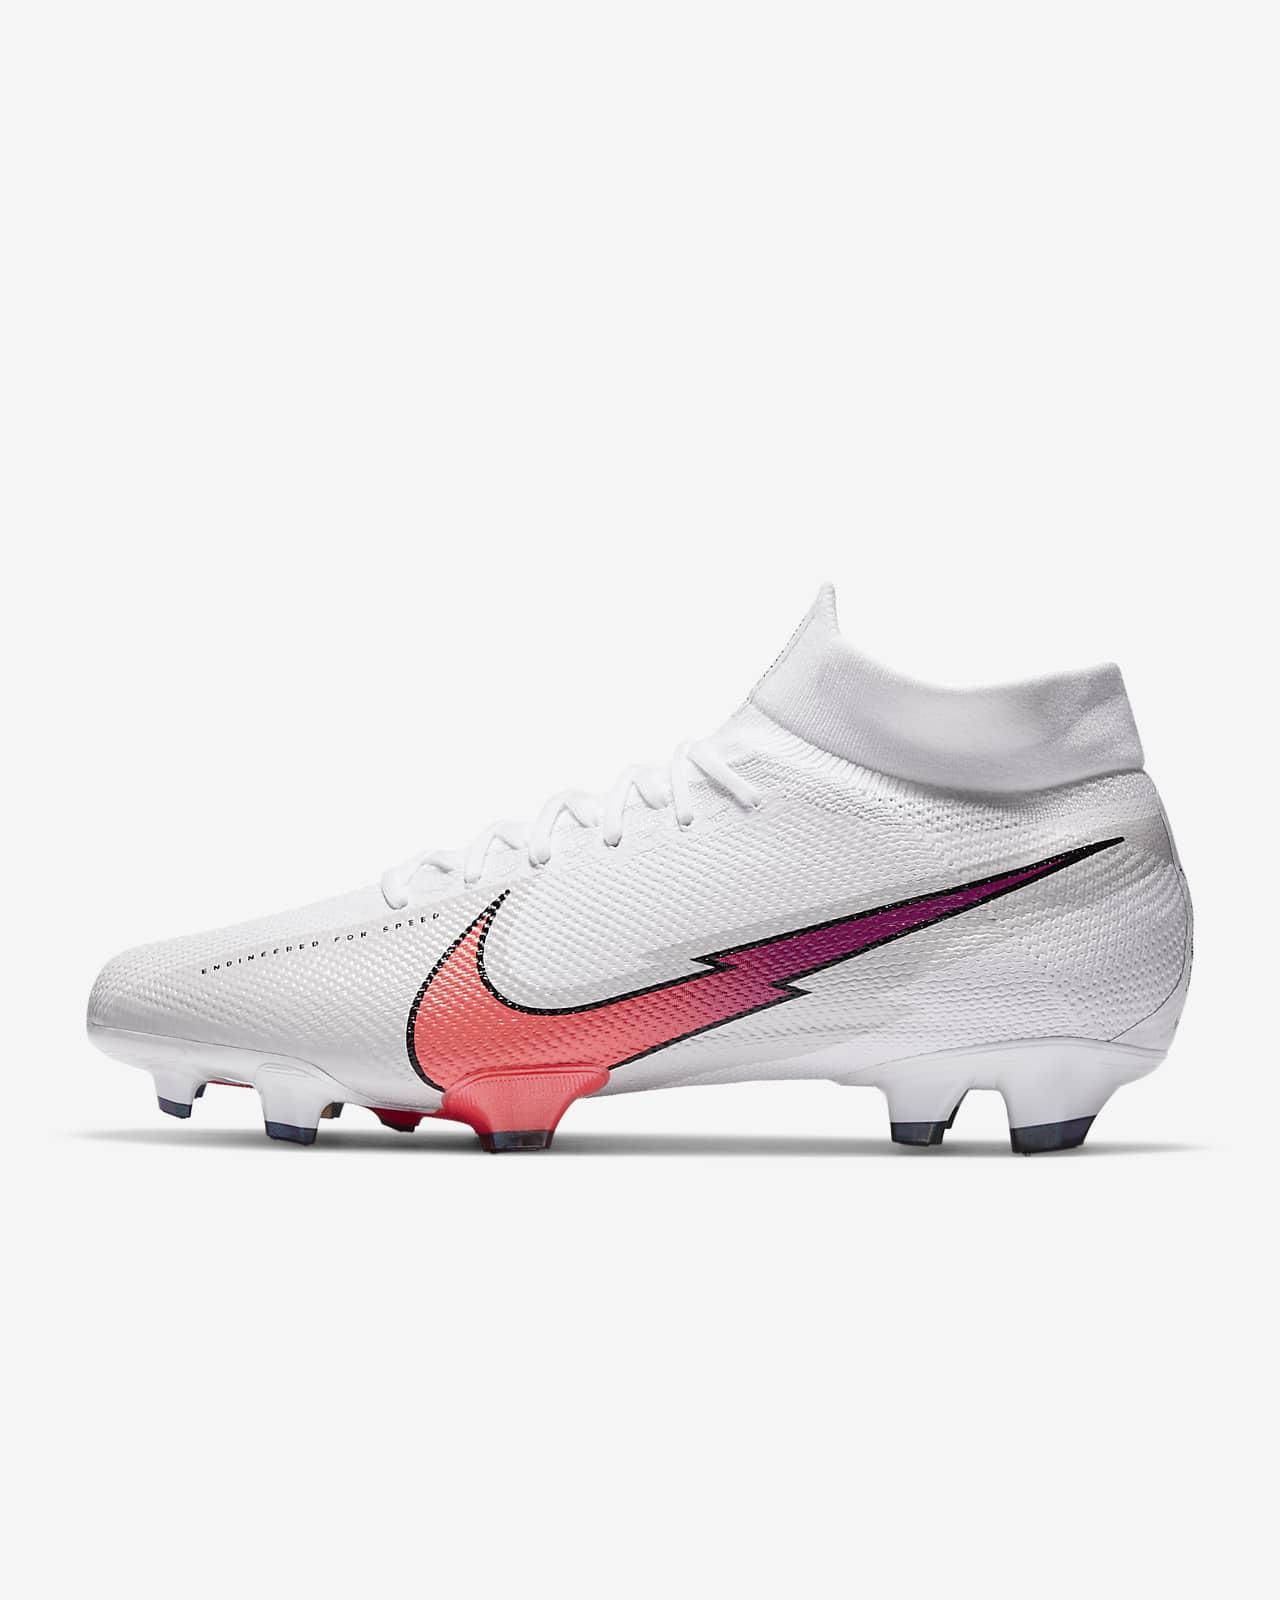 Футбольные бутсы для игры на твердом грунте Nike Mercurial Superfly 7 Pro FG